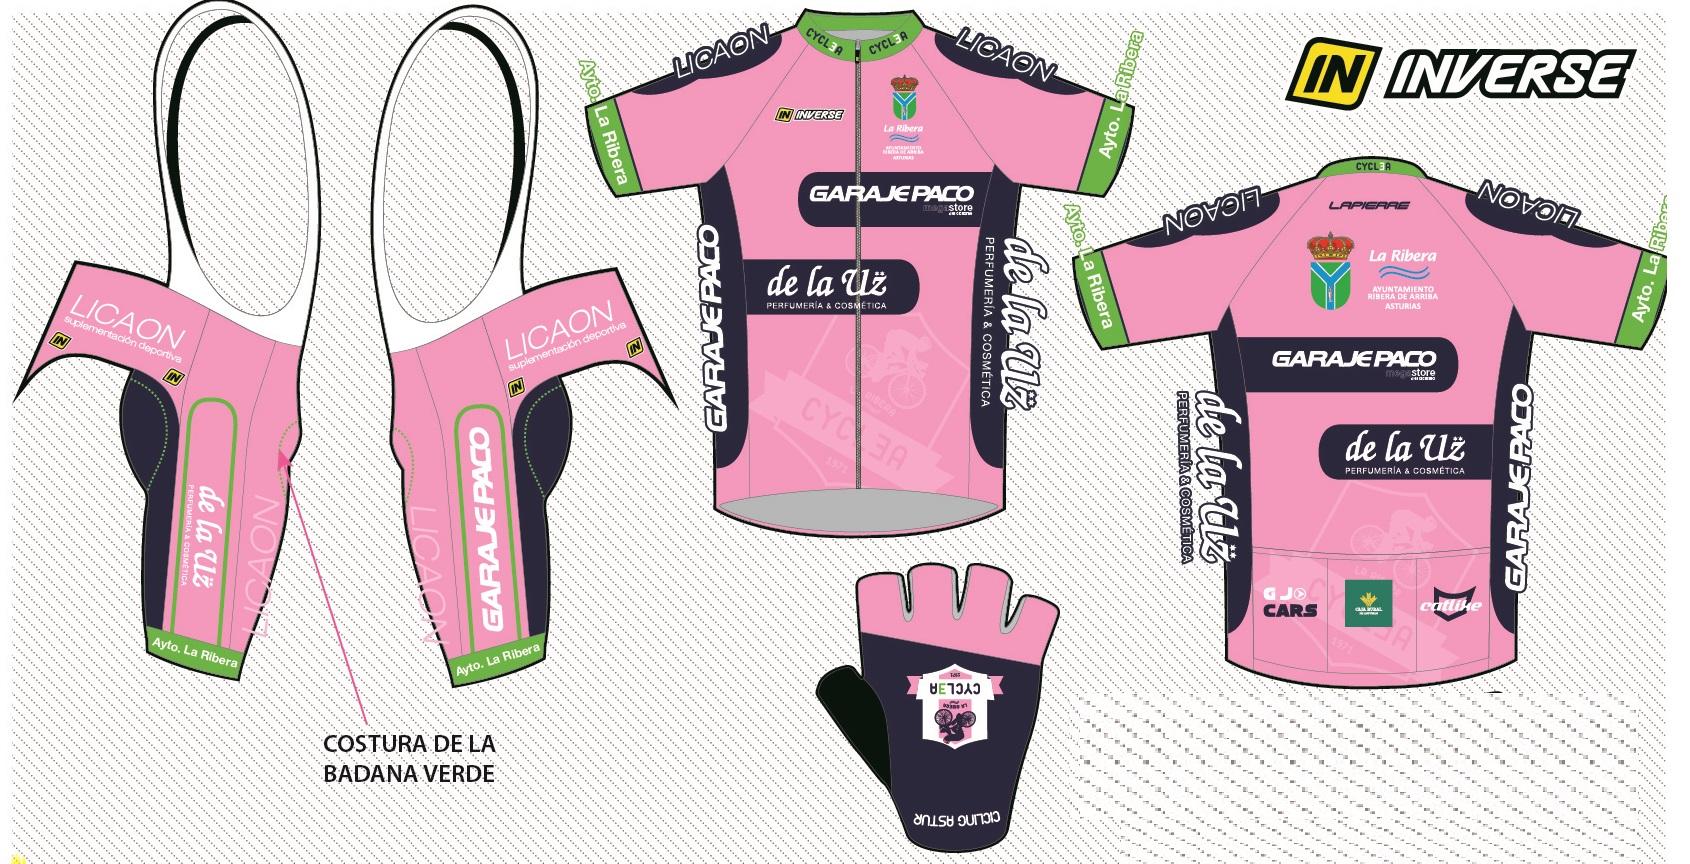 Garaje paco perfumer as de la uz 2016 ciclismo m ster - Garaje paco ...